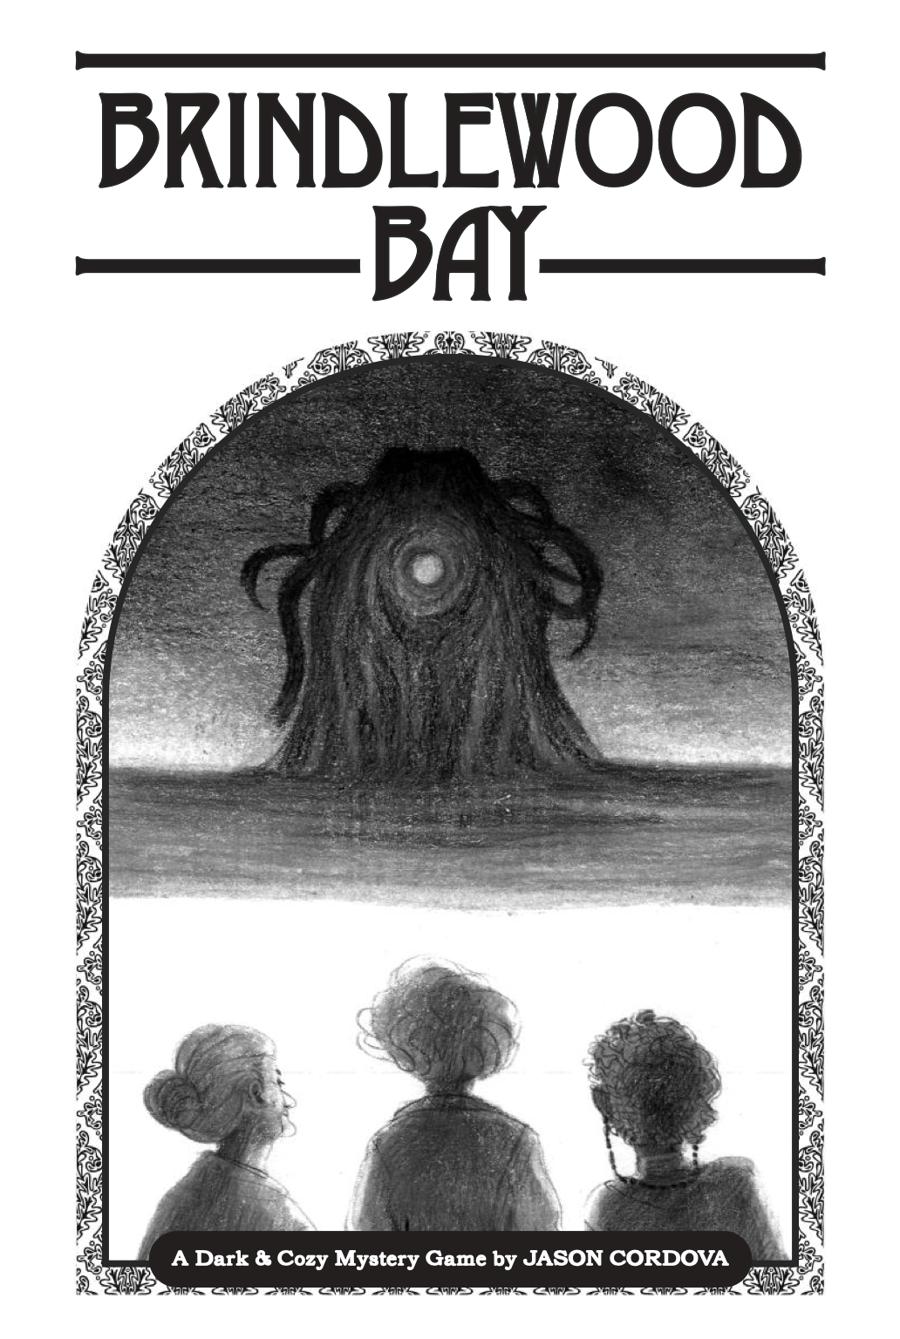 Brindlewood Bay cover art by Cecilia Ferri